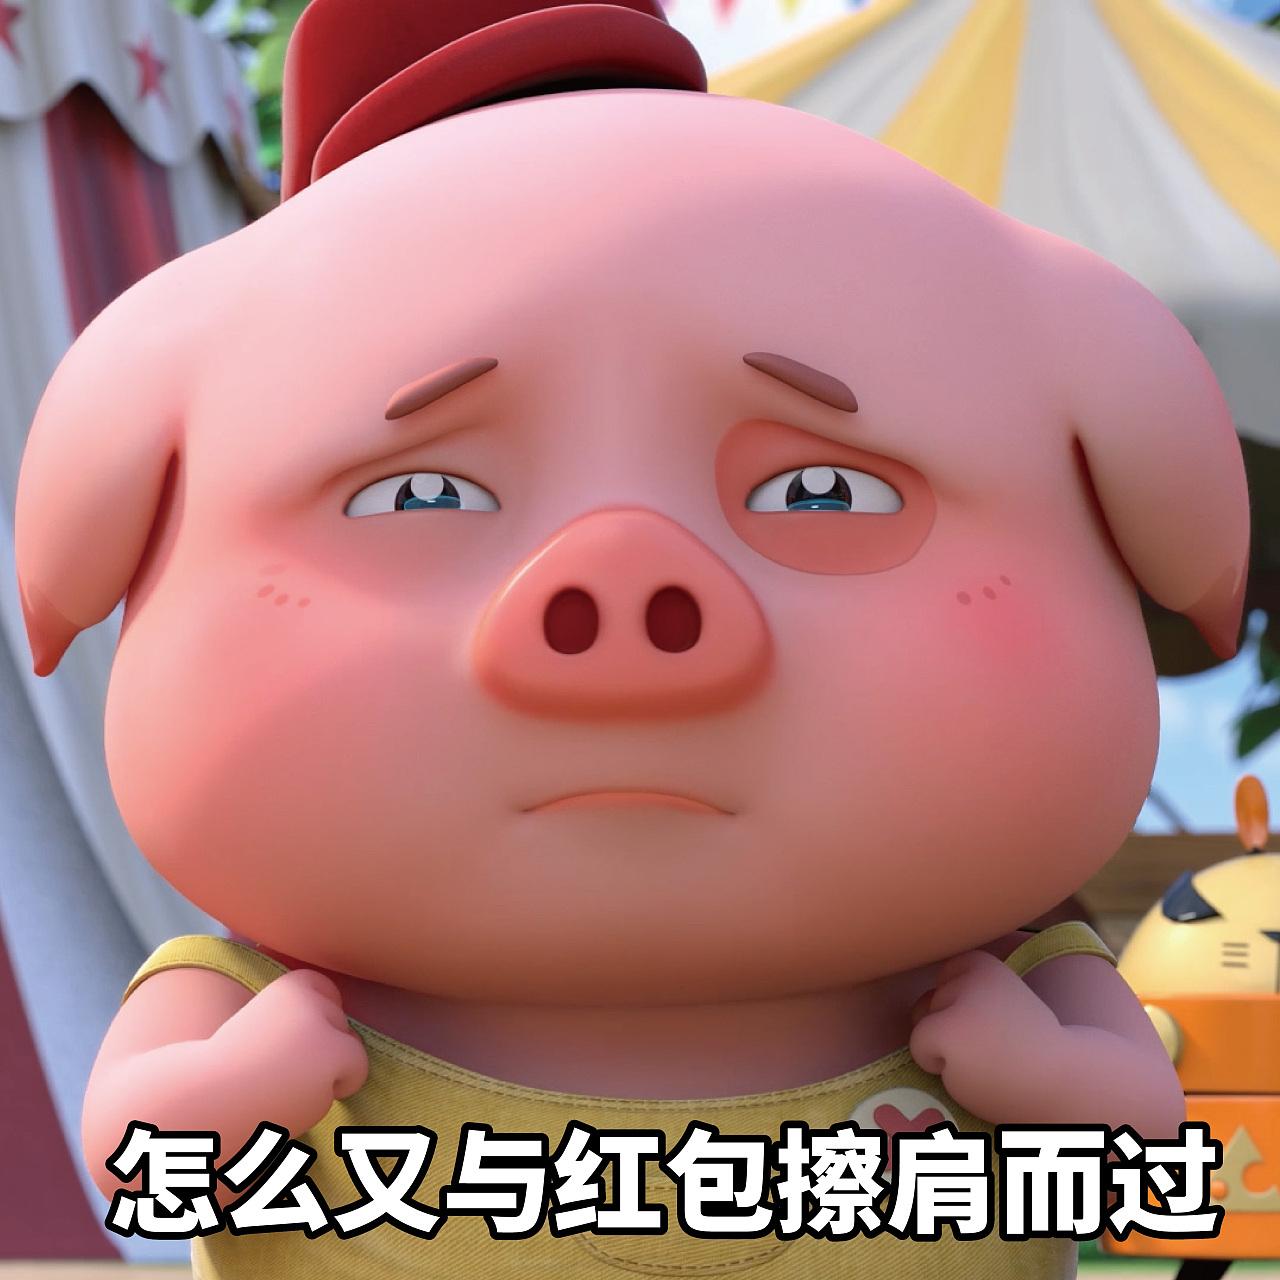 豆豆猪表情:表情总是做我的兔子?小可爱表情包gif粉丝图片